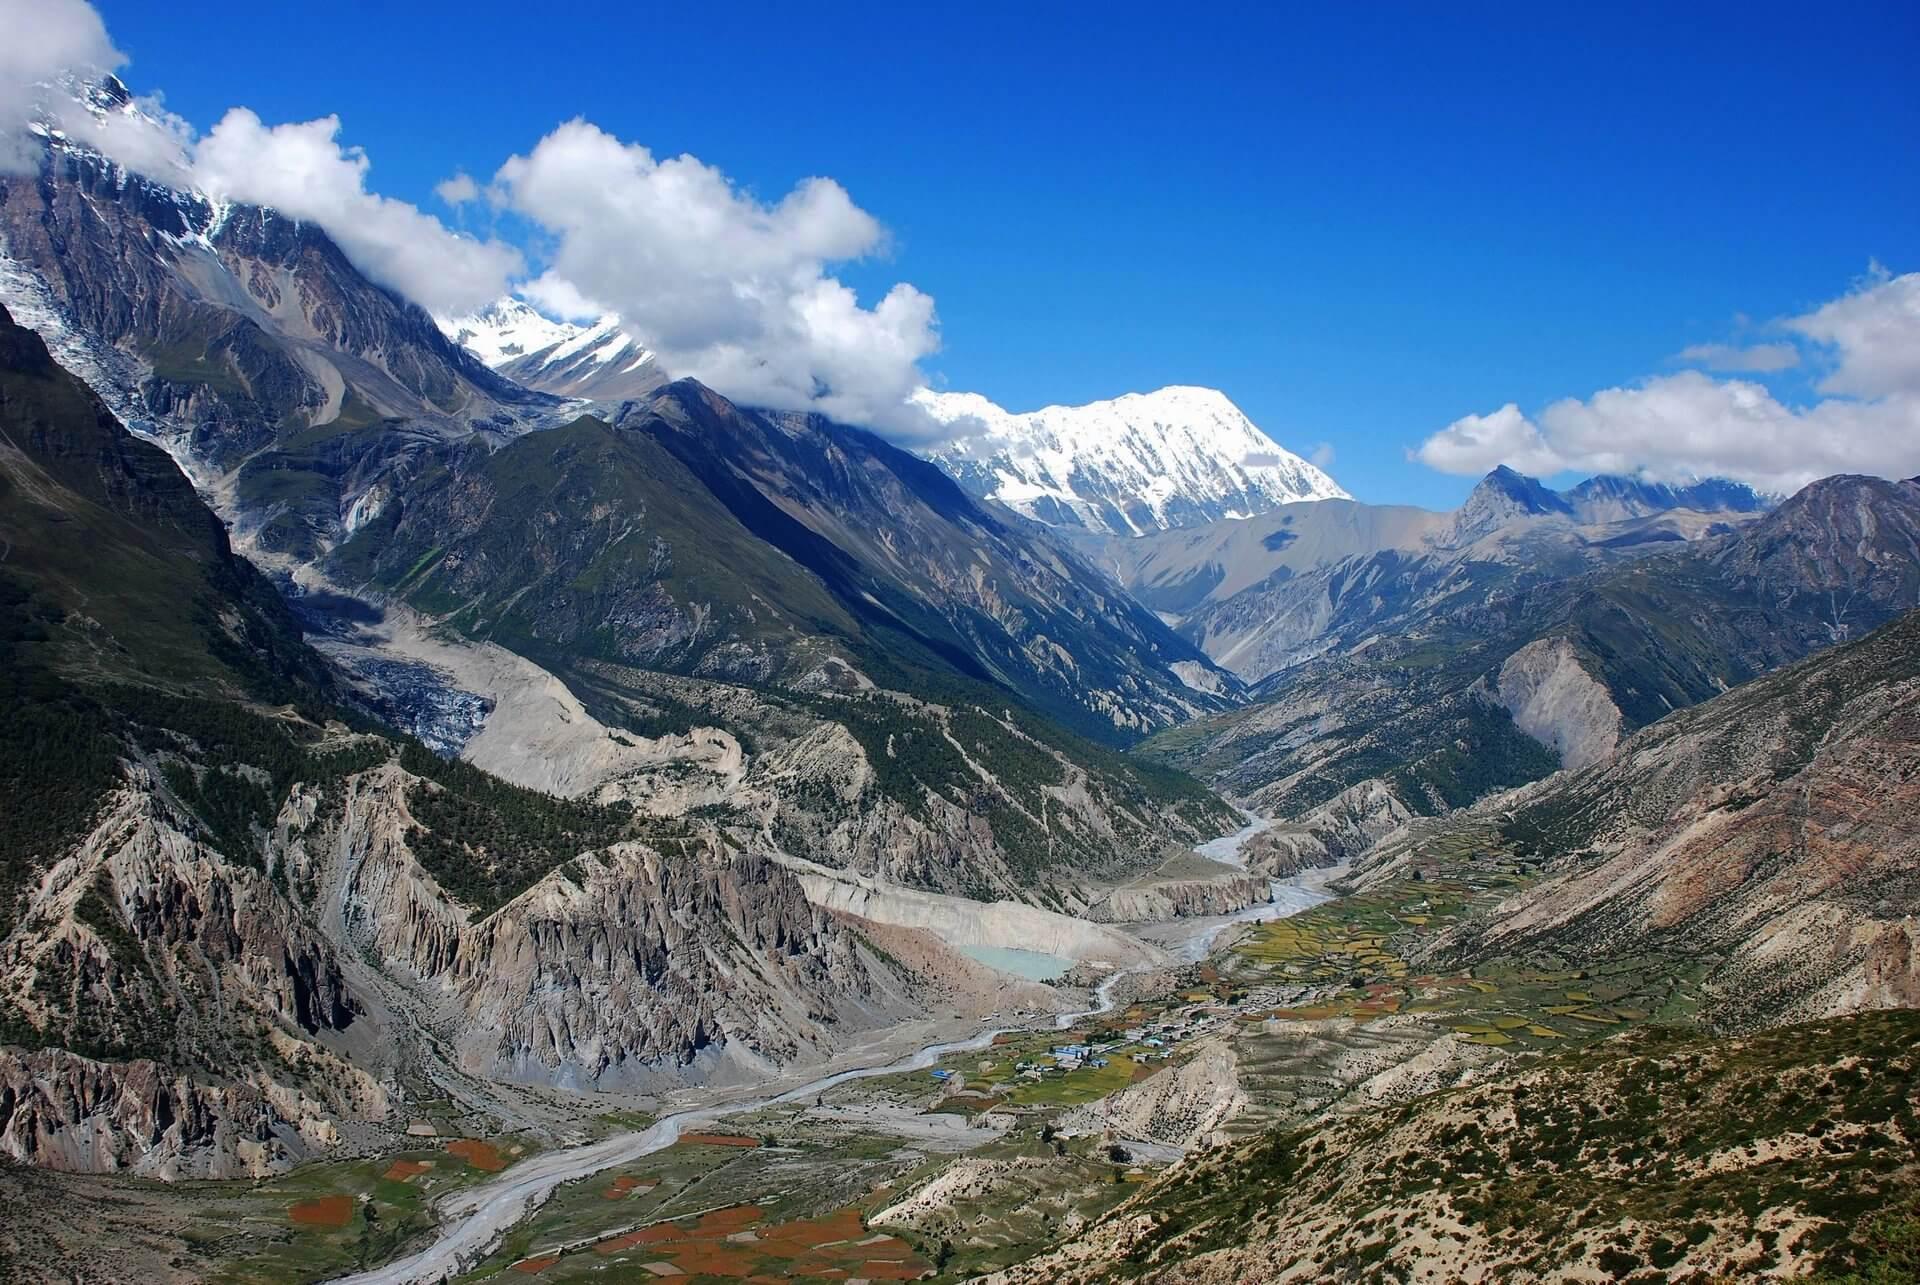 Dolina napodejściu dobazy podprzełęczą Thorung La.